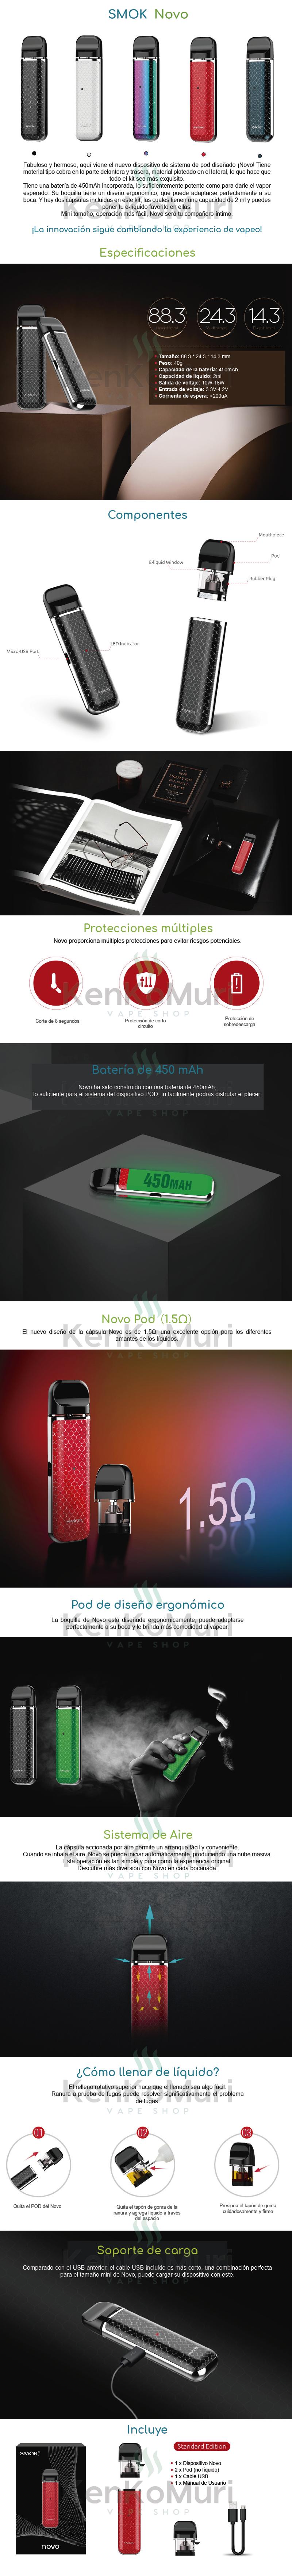 cigarroelectronico-vapeador-smok-novo-mexico-kenkomuri